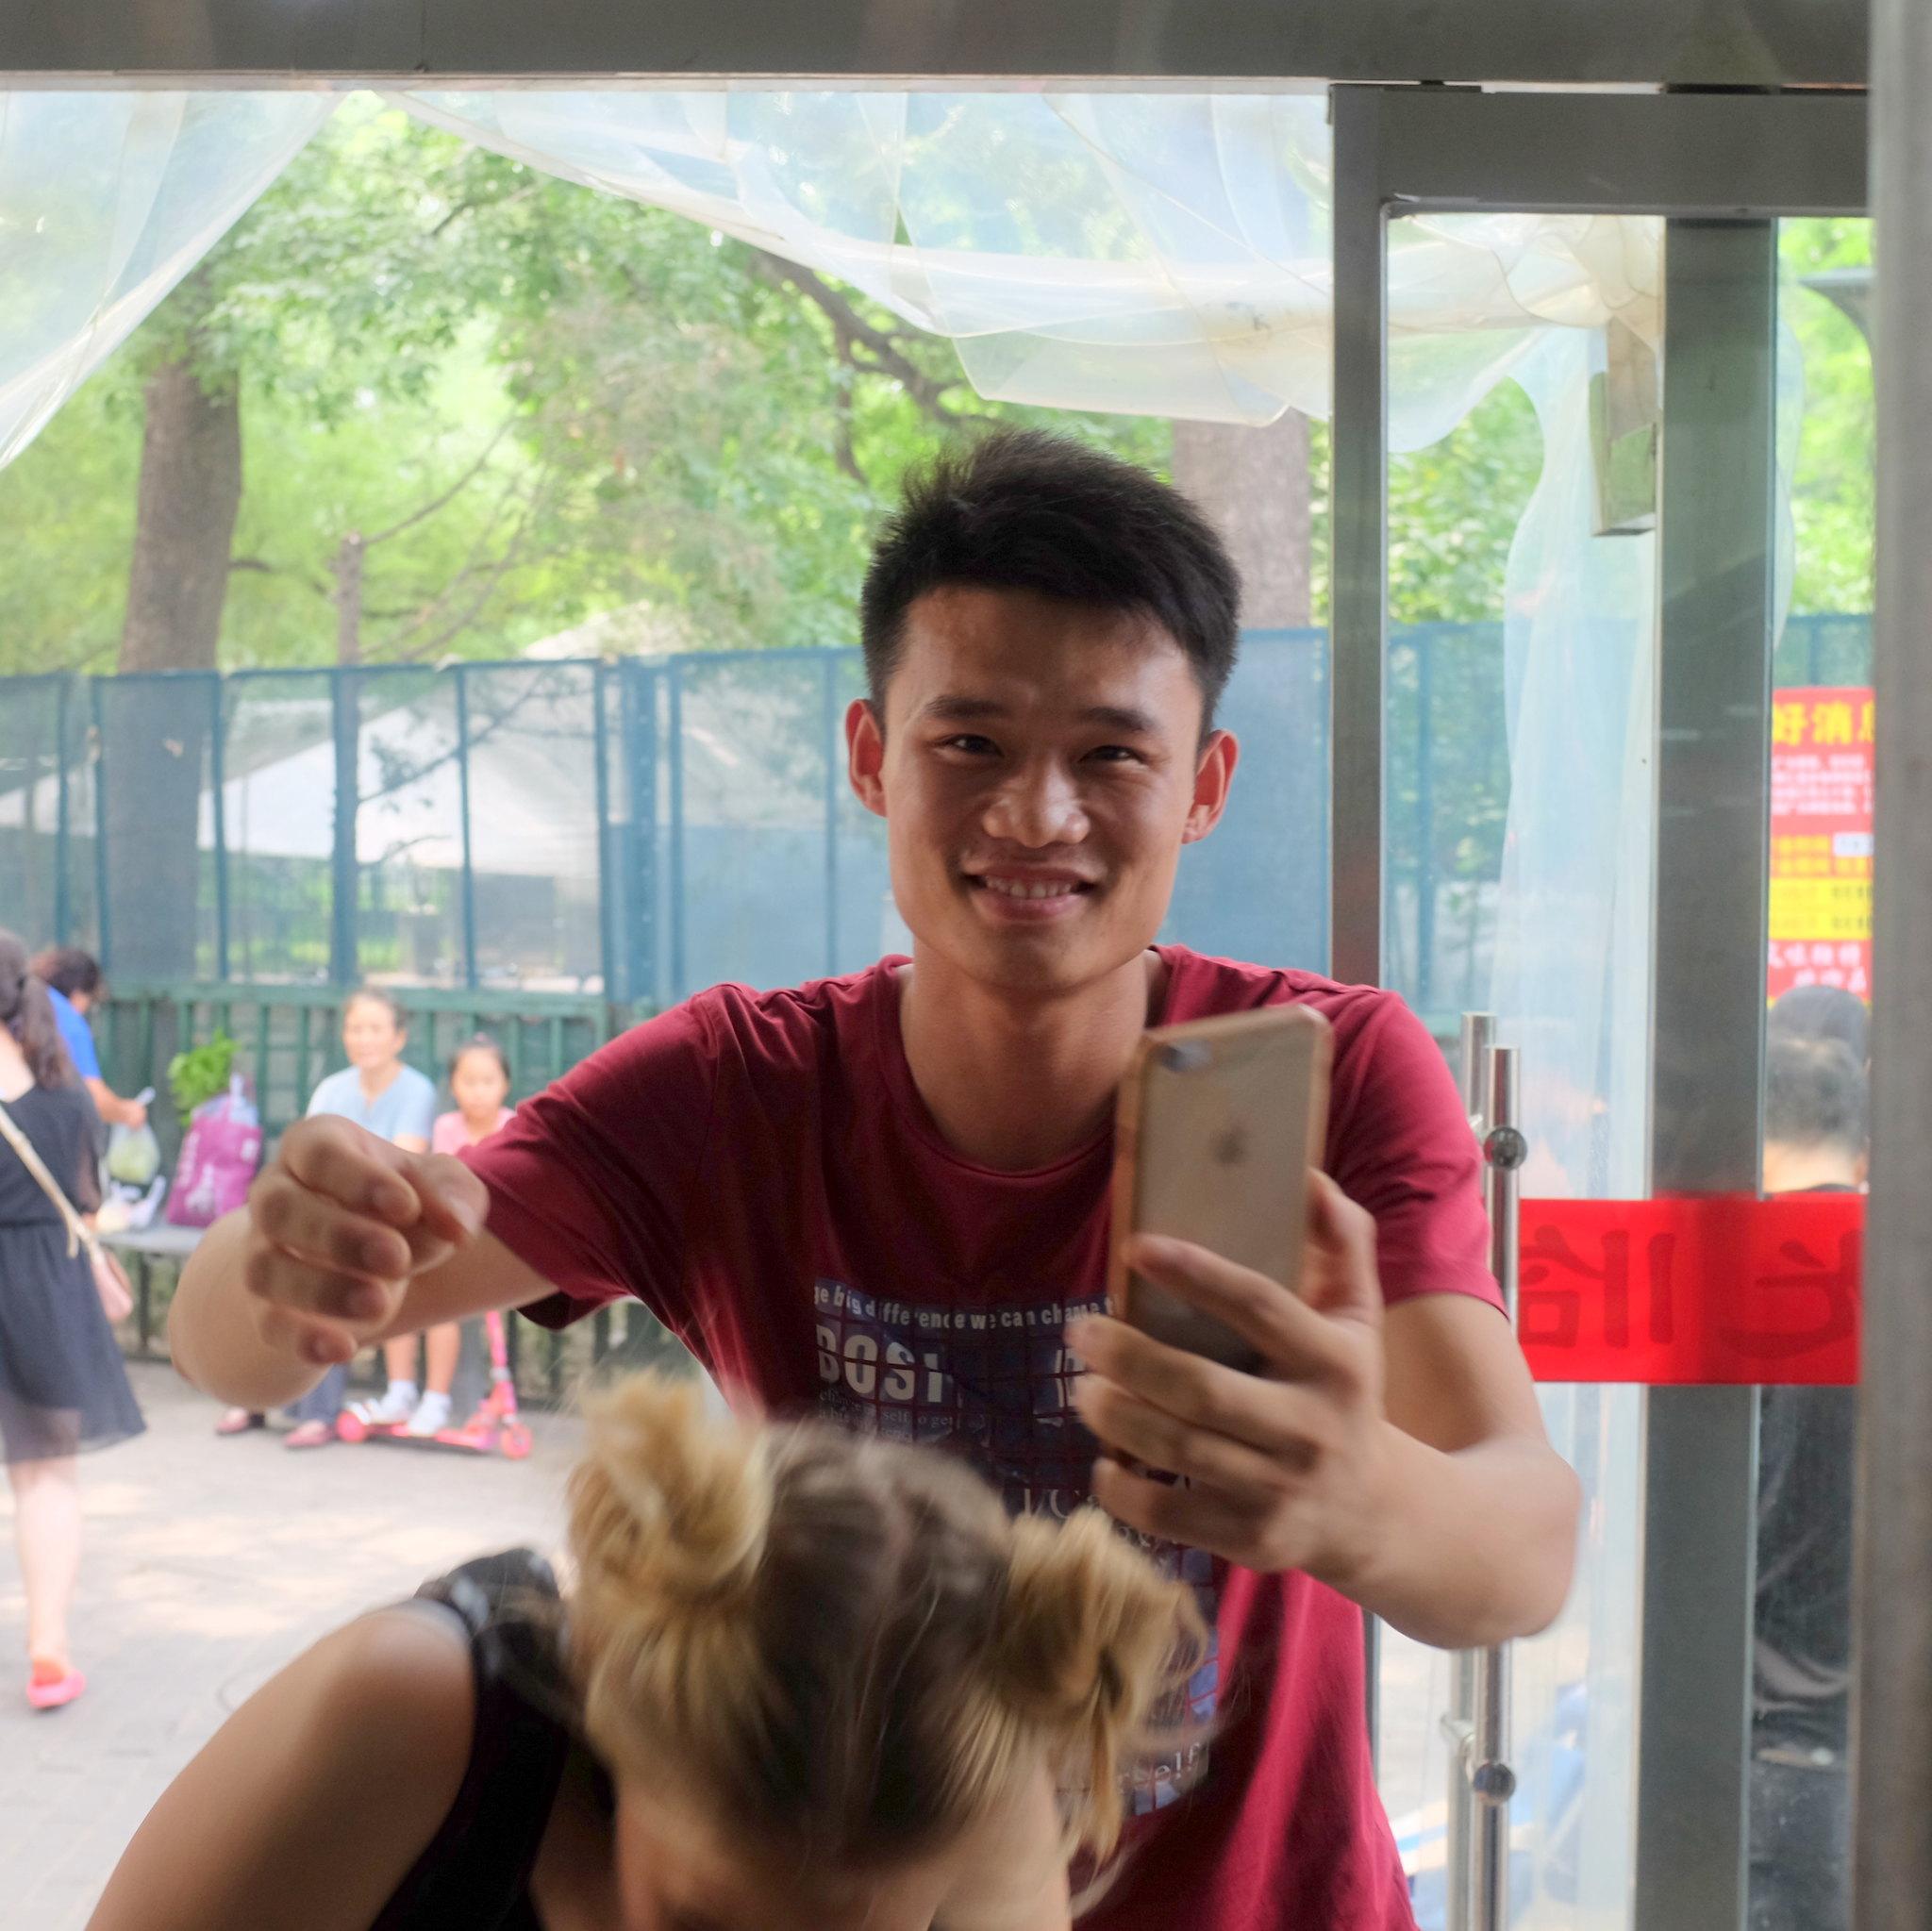 Selfie mit WaiGuoRen missglückt